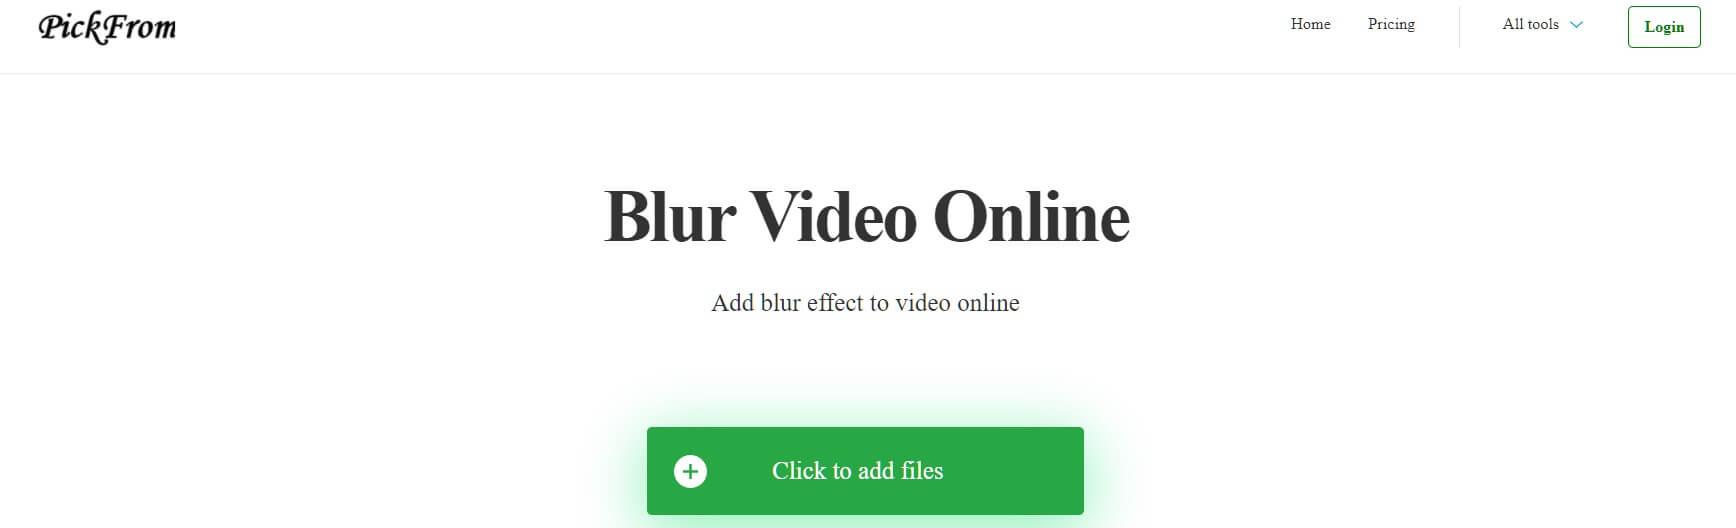 pickform-online-video-editor